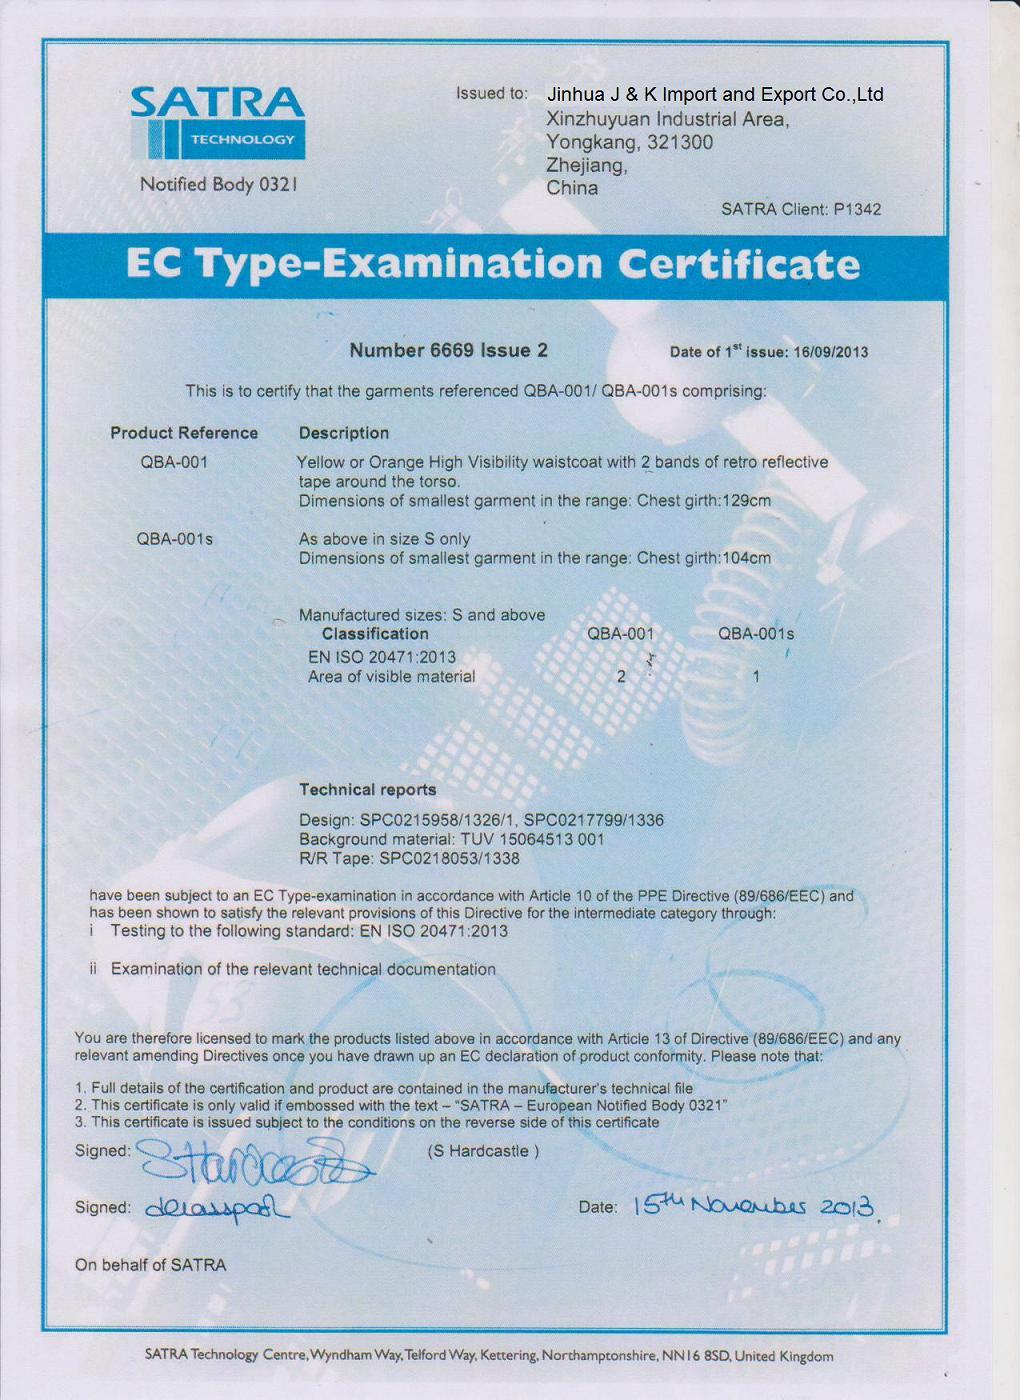 EN ISO 20471:2013 for Safety Vest